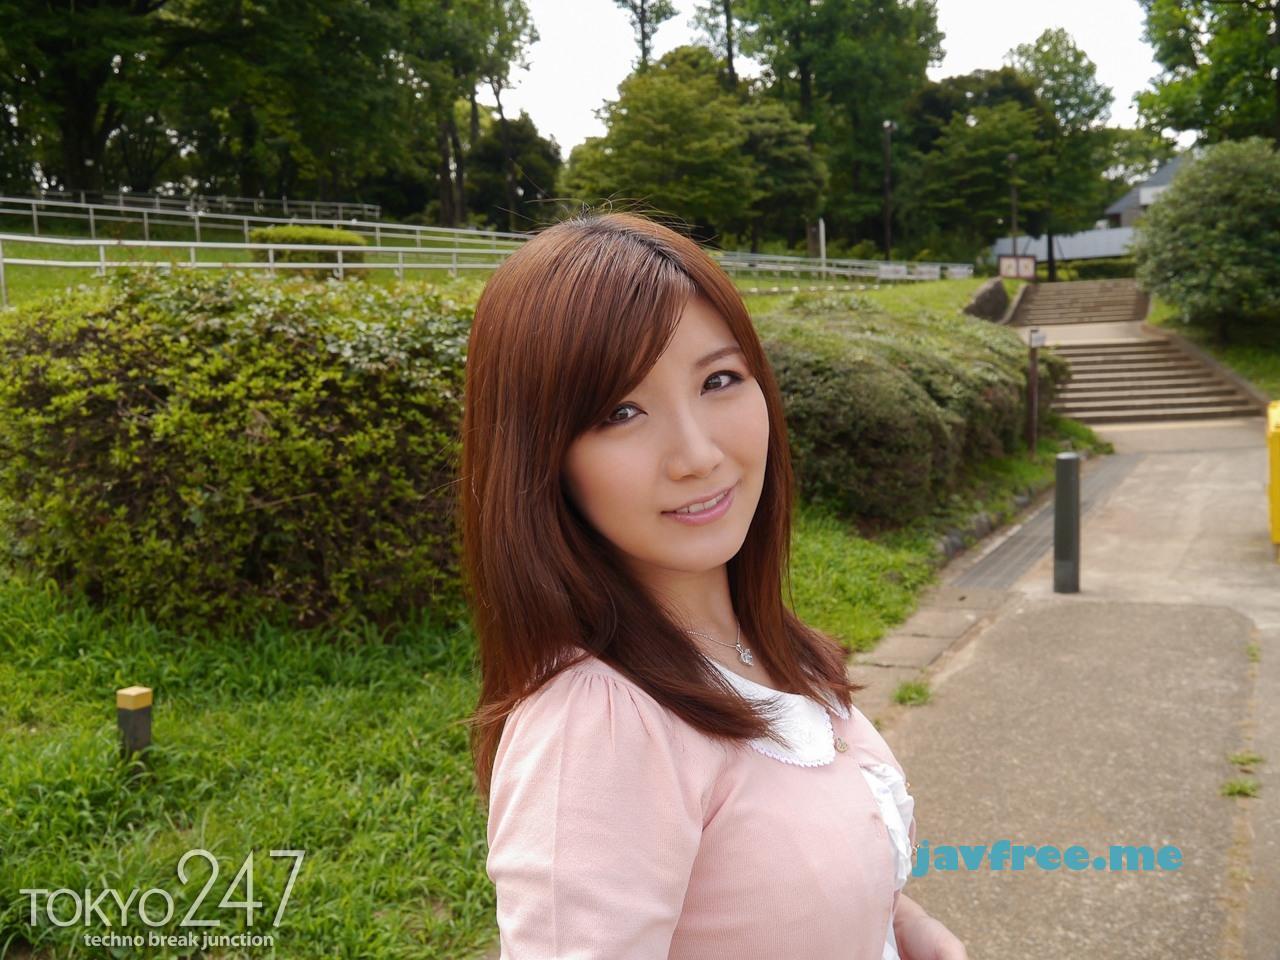 Tokyo 247 402 saki 美泉咲 Tokyo 247 Saki Mizumi GIRLS S★GALLERY